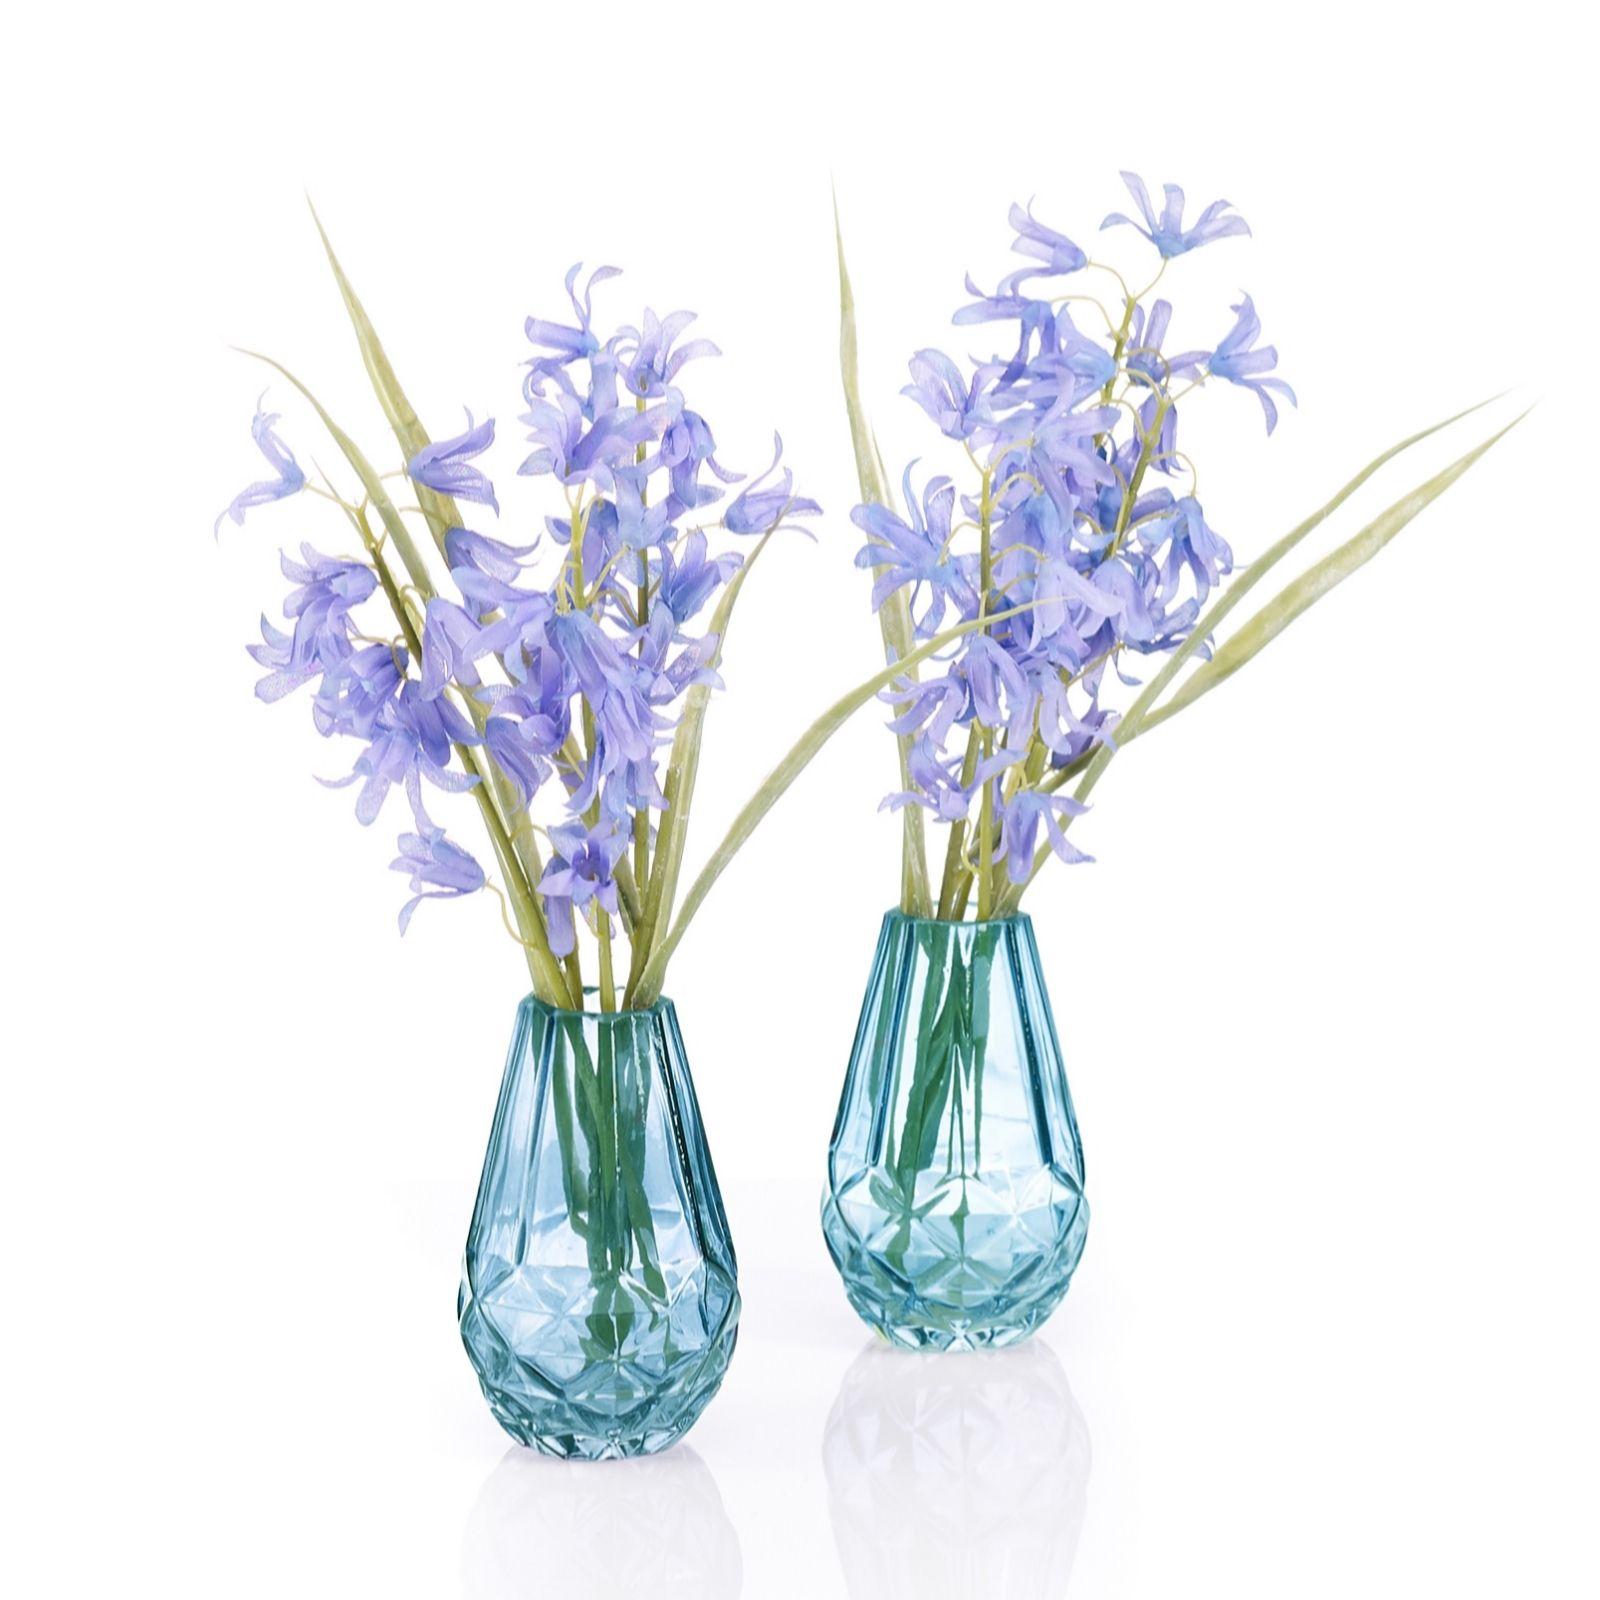 Glass Ornament Bluebell Flowers In Vase